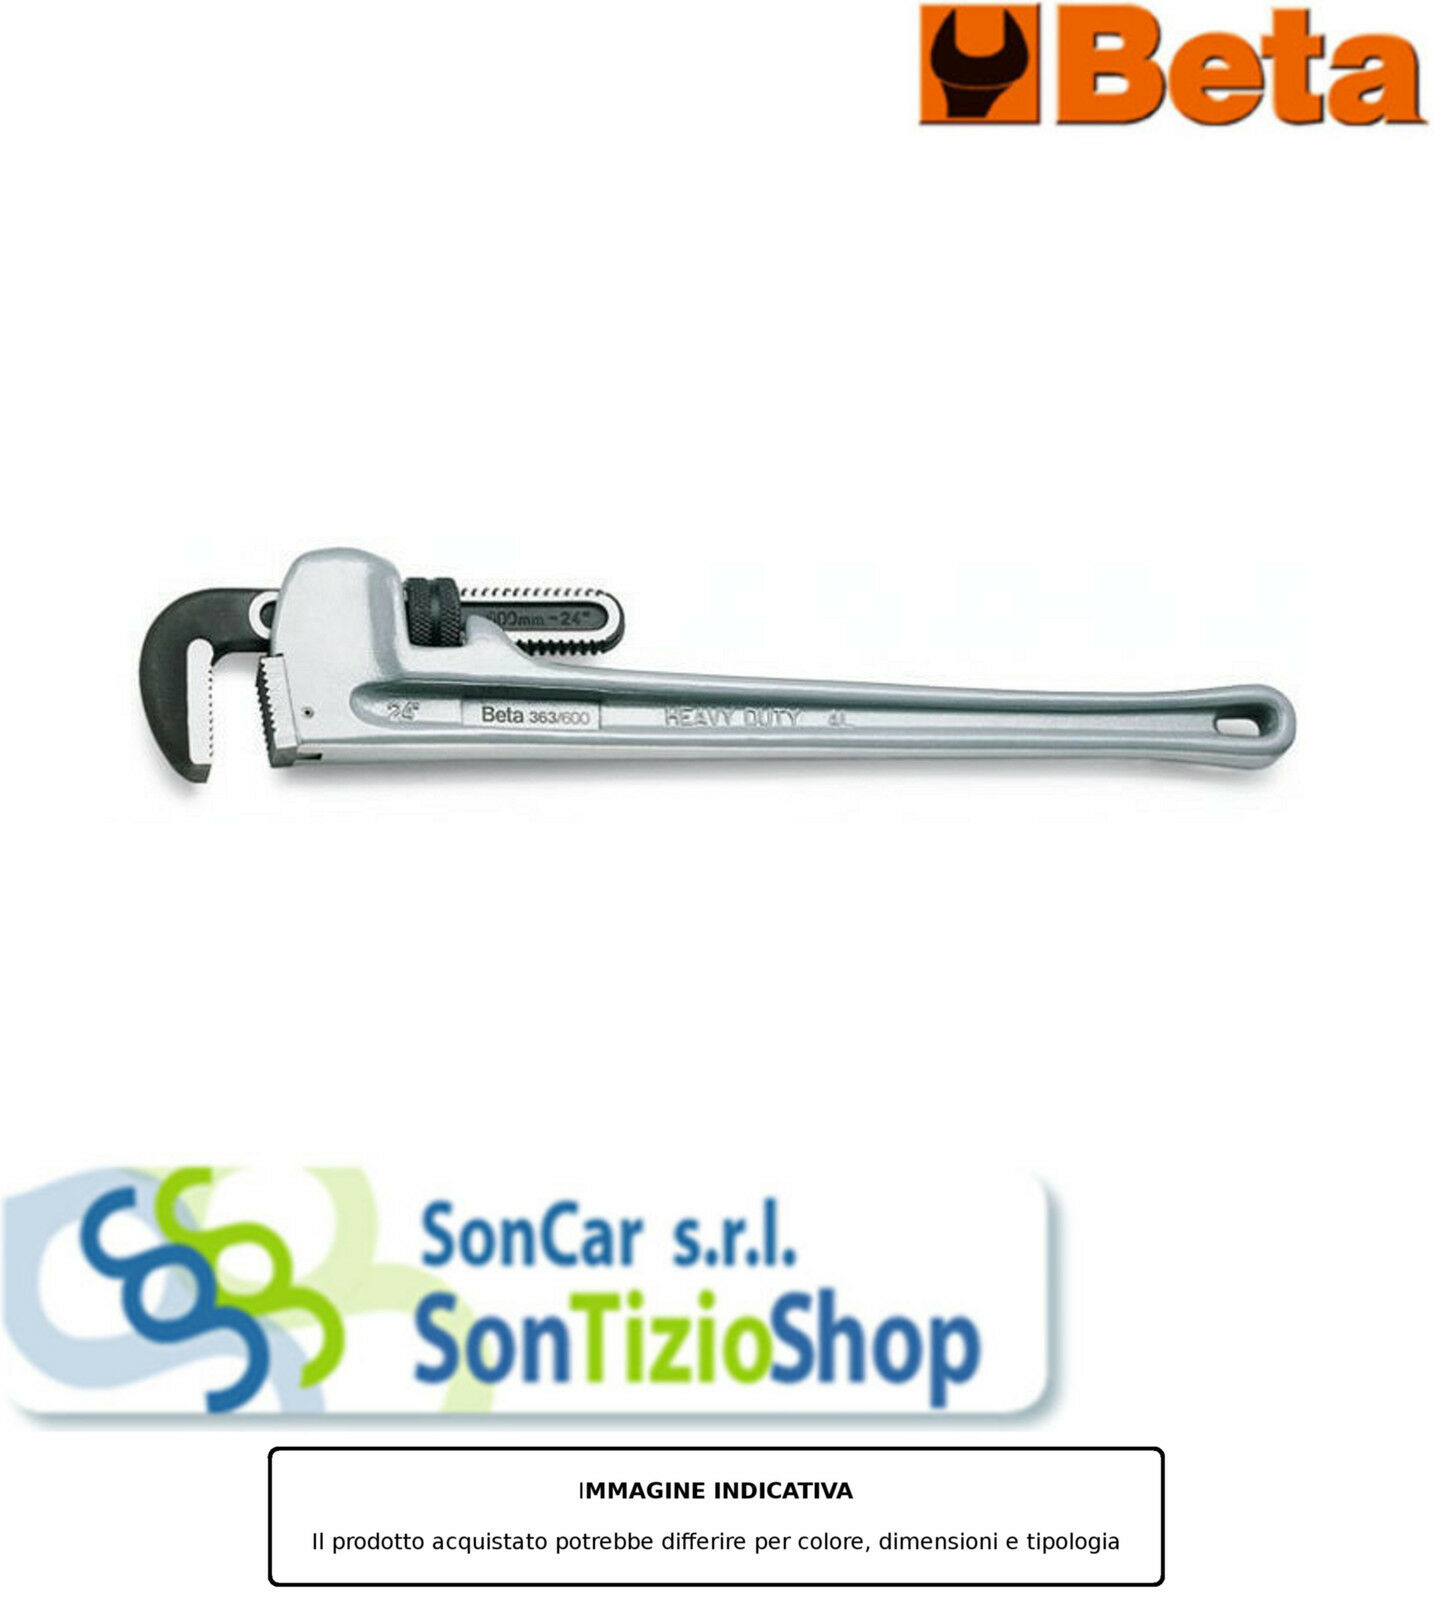 BETA 363 350 Artikel Original  Rohrzangen Amerikanisch Aluminium 350